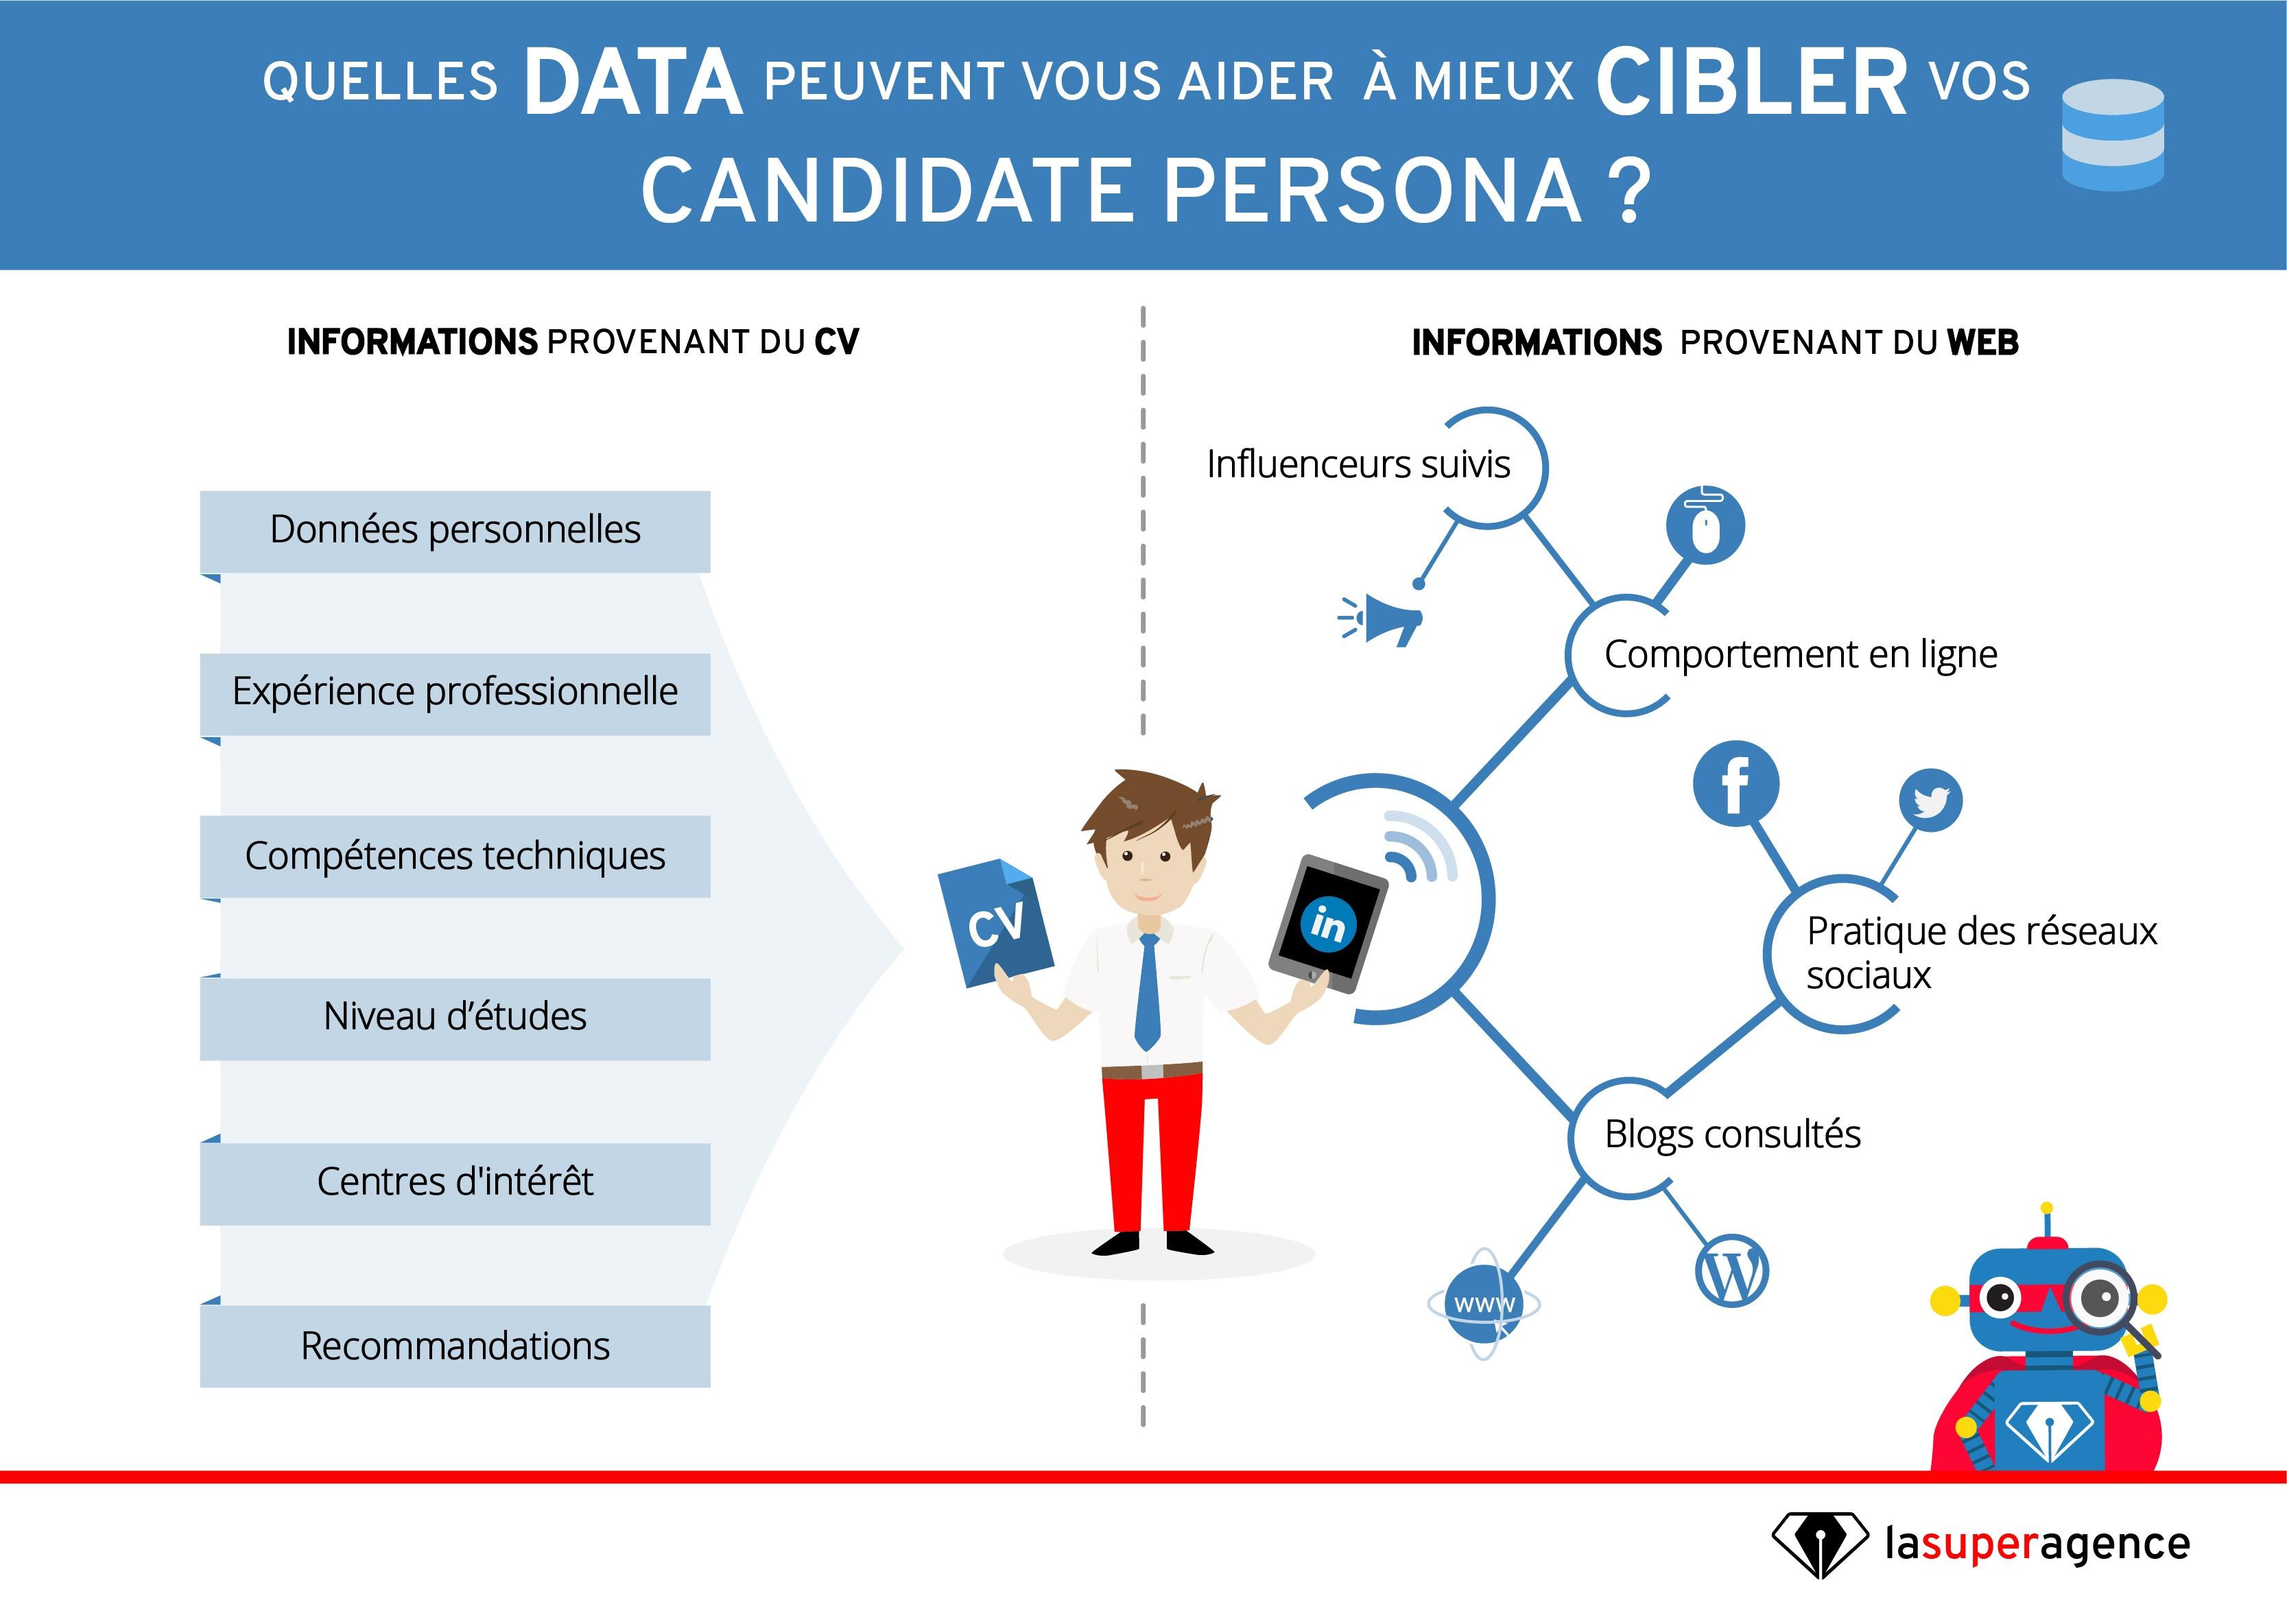 Le CV et la présence en ligne vous aident à définir votre Persona